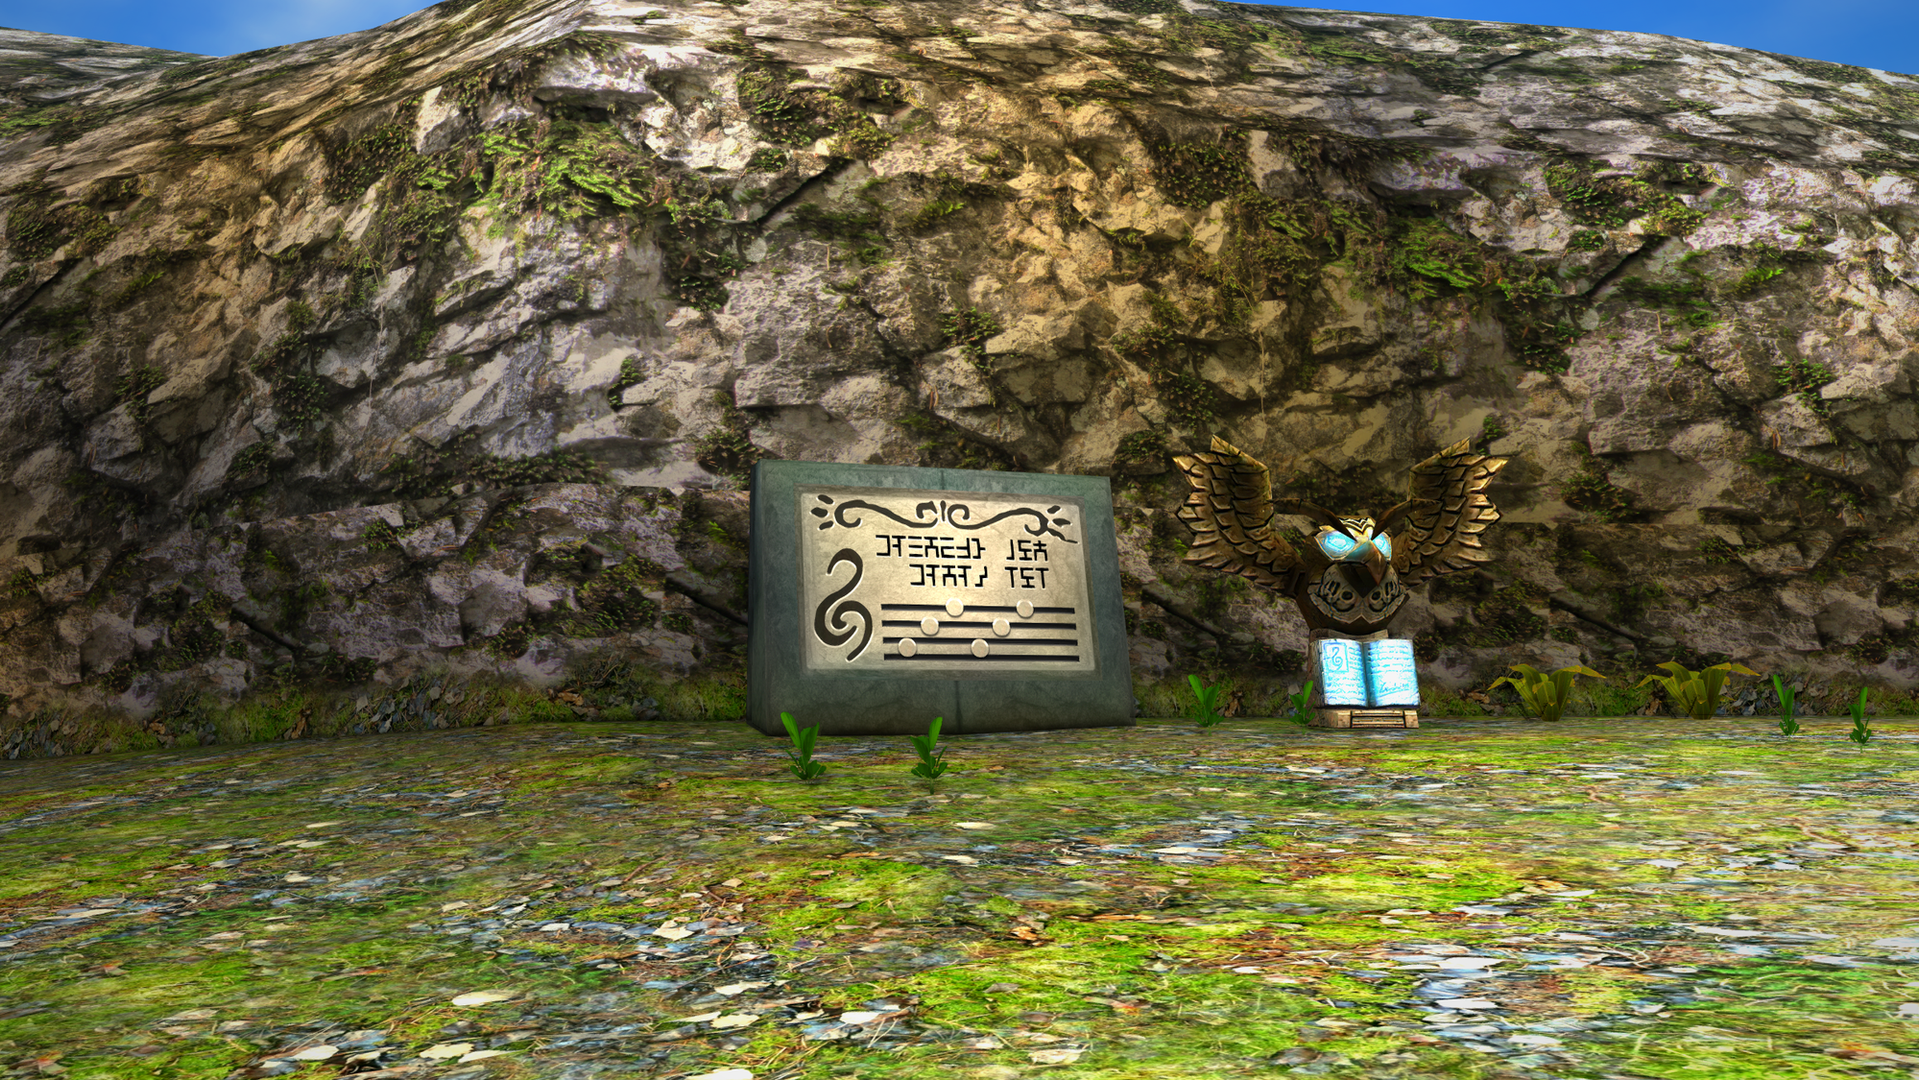 Zelda MM3D 4K 2021-03-03 13-23-06.png